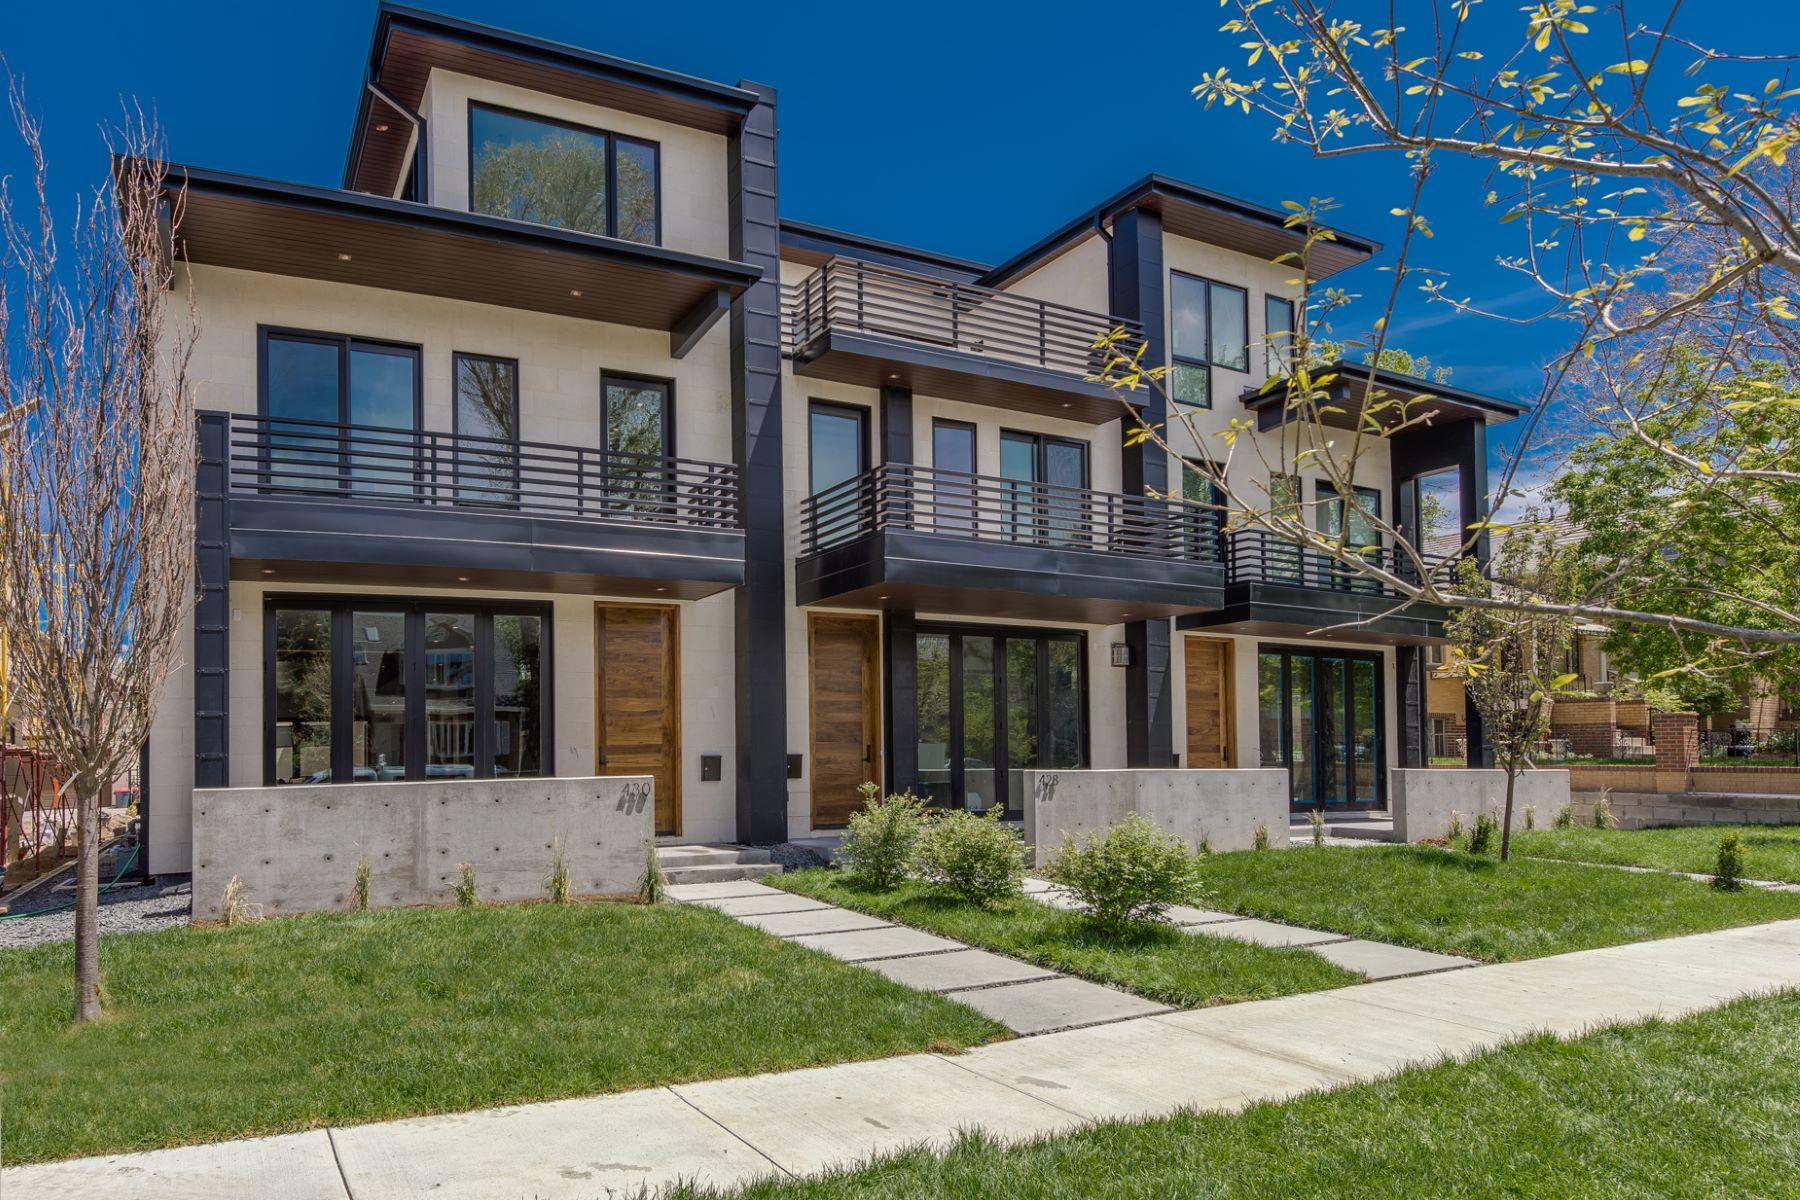 Maison unifamiliale pour l Vente à 426 Garfield 426 Garfield Street Denver, Colorado, 80206 États-Unis